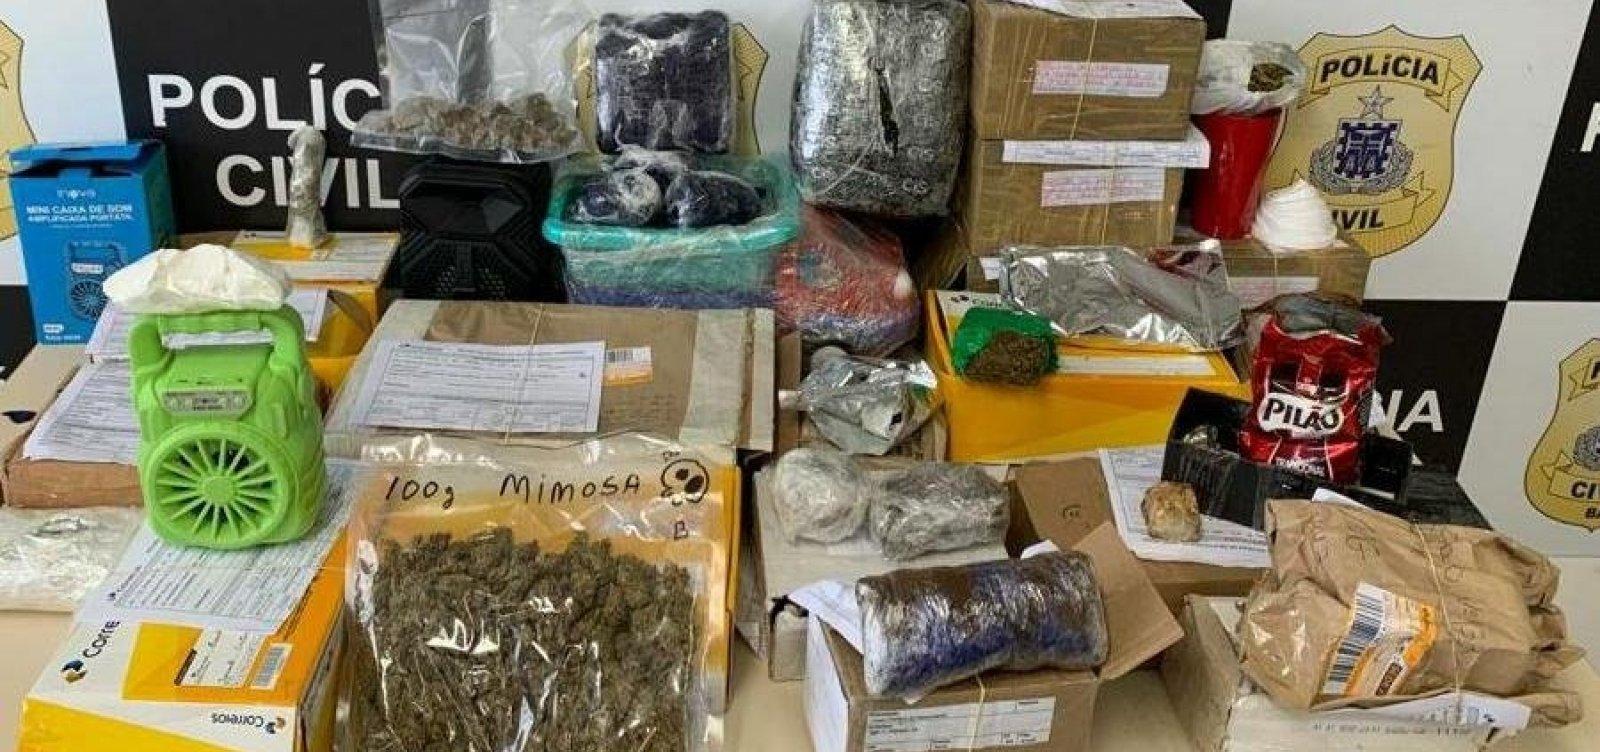 Polícia apreende três quilos de maconha e crack em encomendas dos Correios na BA 535